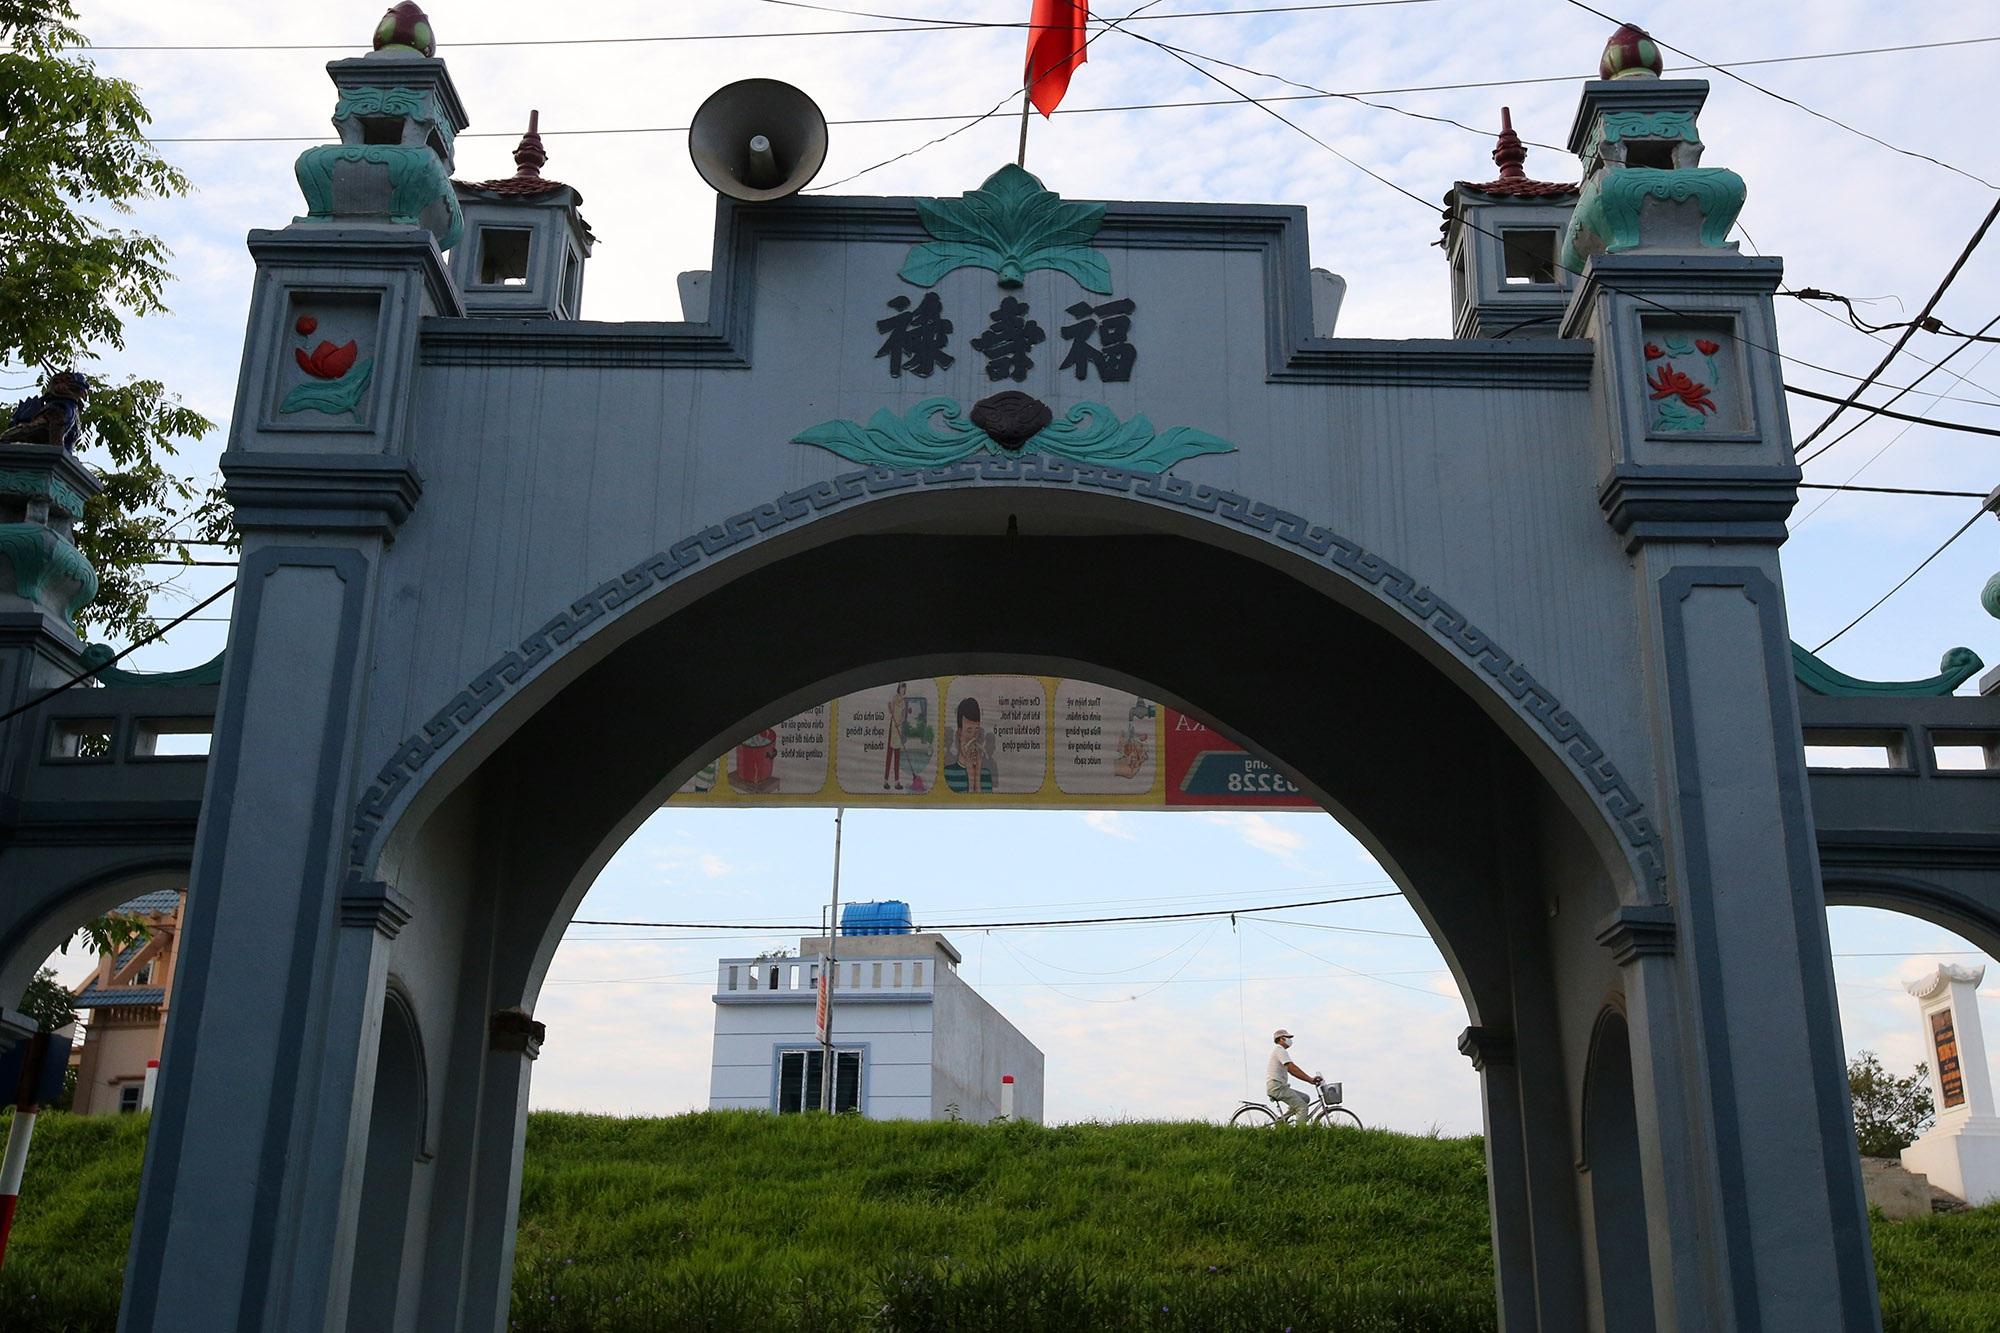 Phong cảnh bình yên nhìn từ những triền đê ở Hà Nội - 10